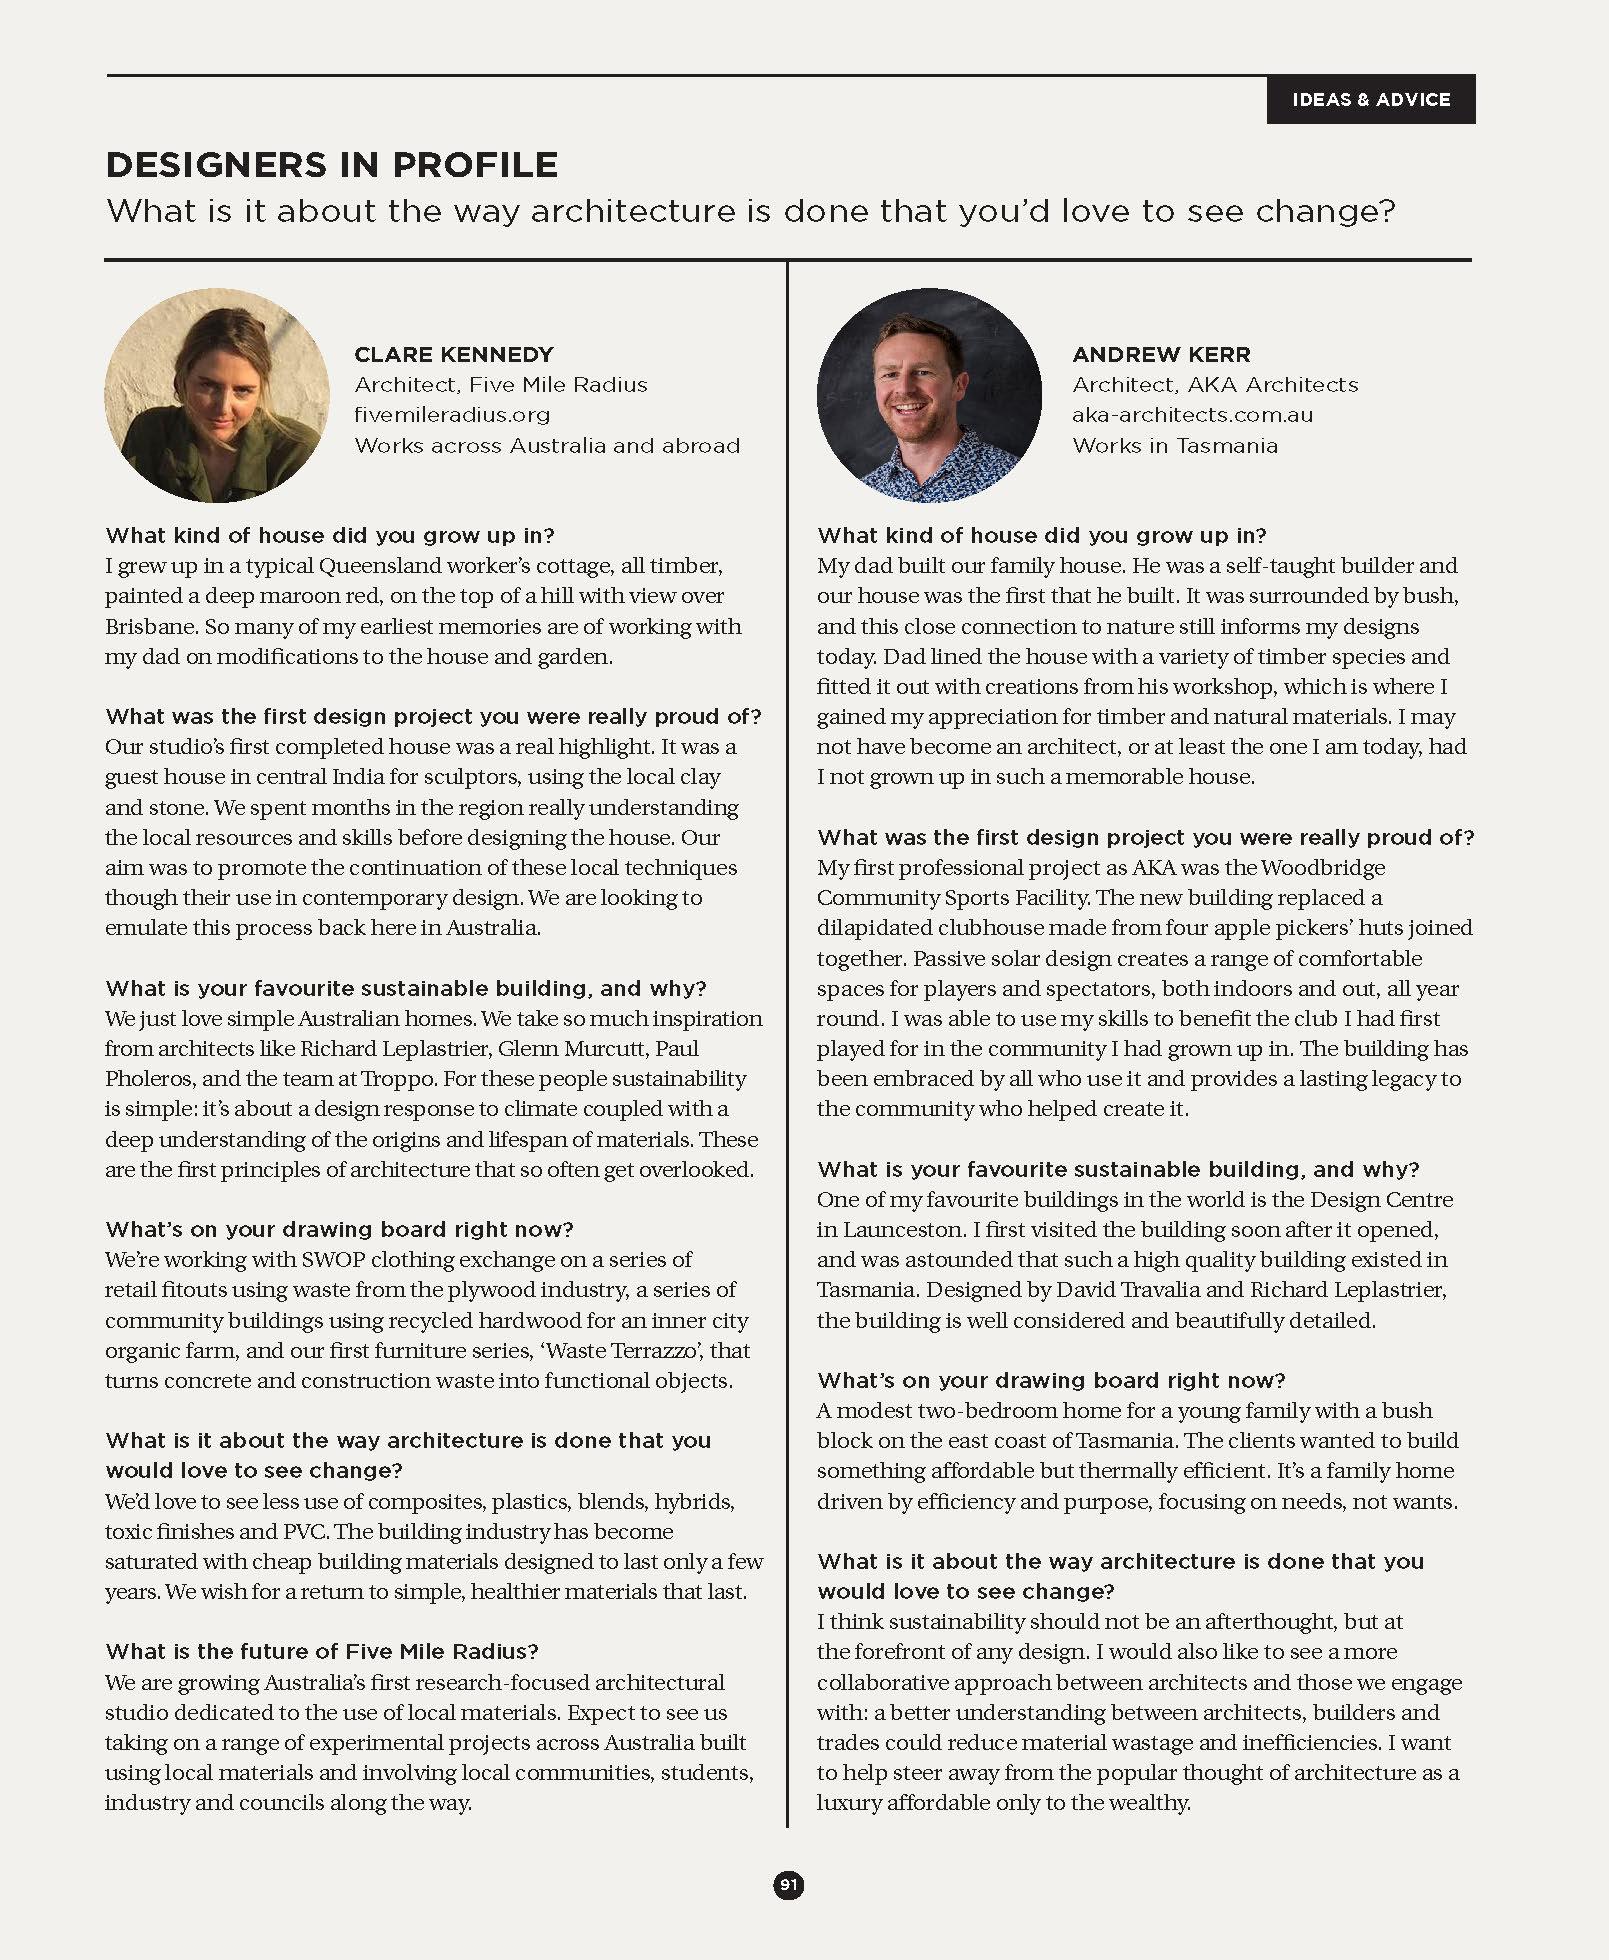 Sanctuary Magazine / Issue 48, 'Designers in Profile', Pg 91